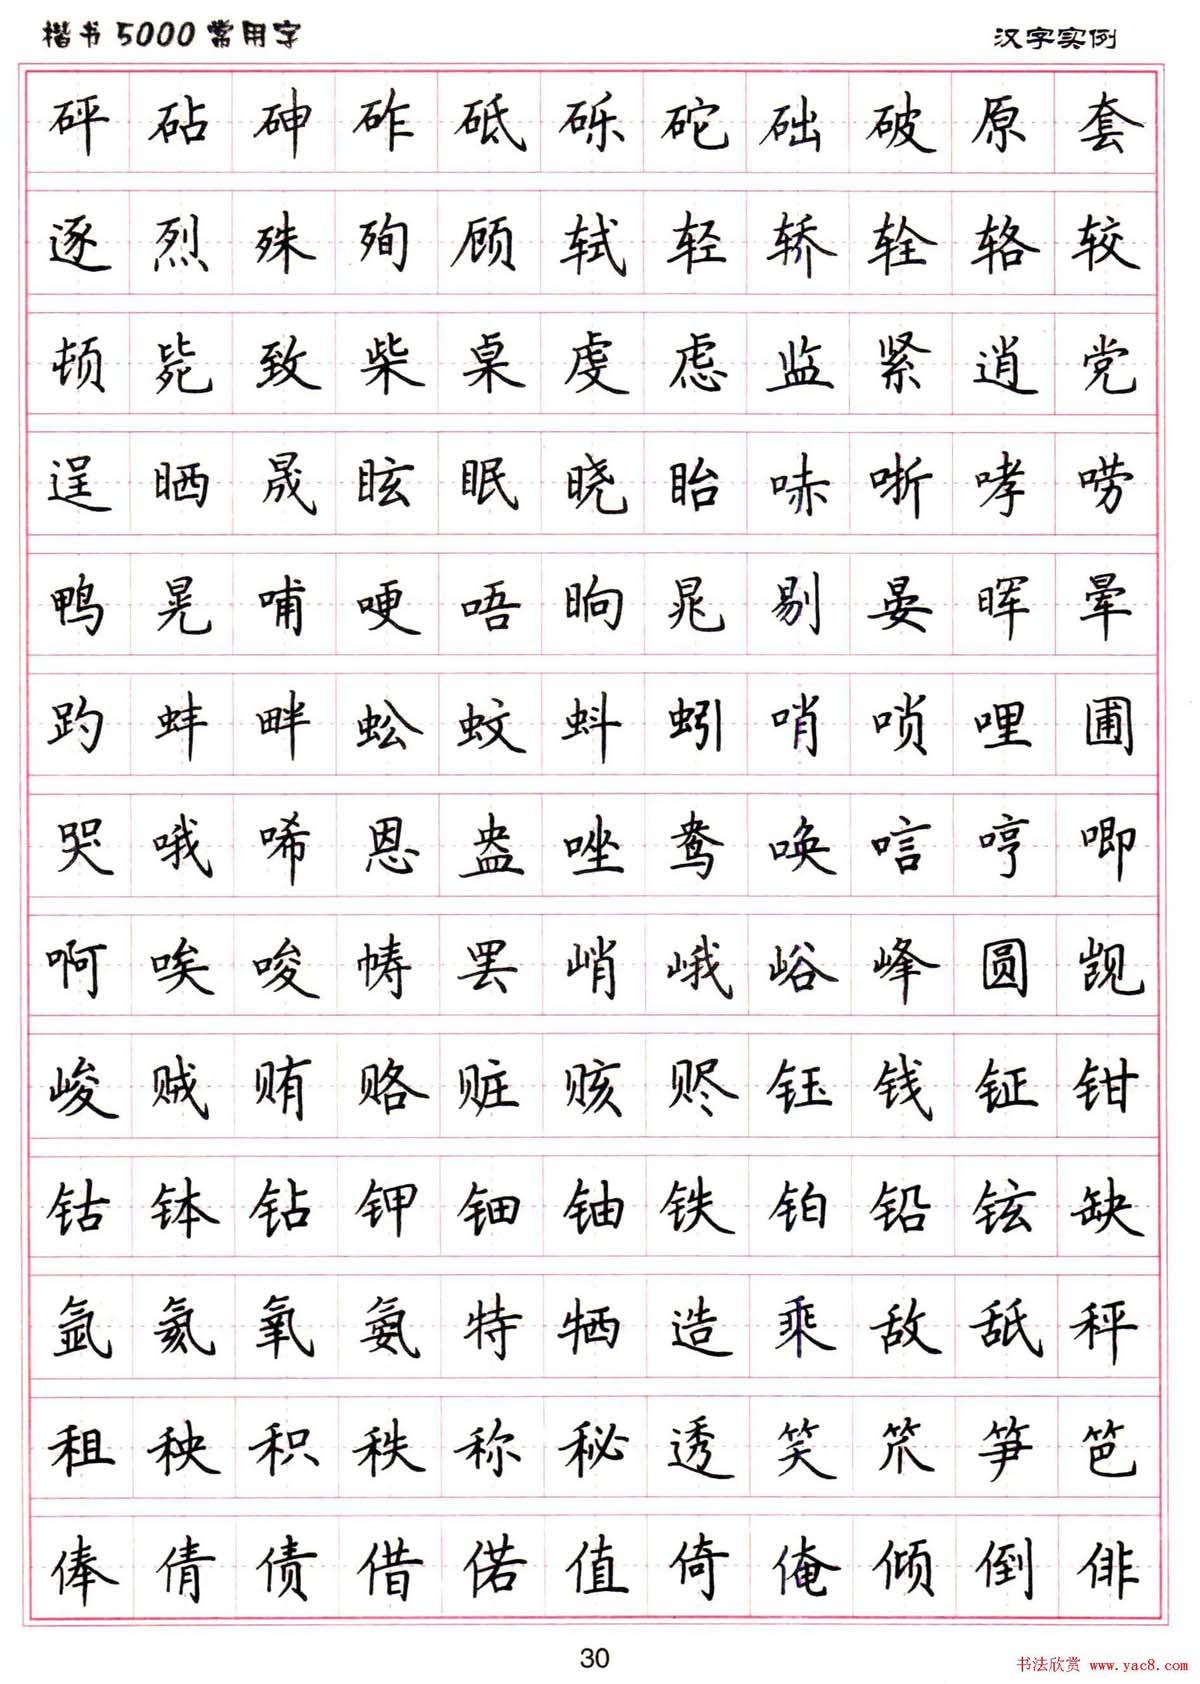 硬笔书法字帖下载 楷书5000常用字 第31页 钢笔字帖 书法欣赏